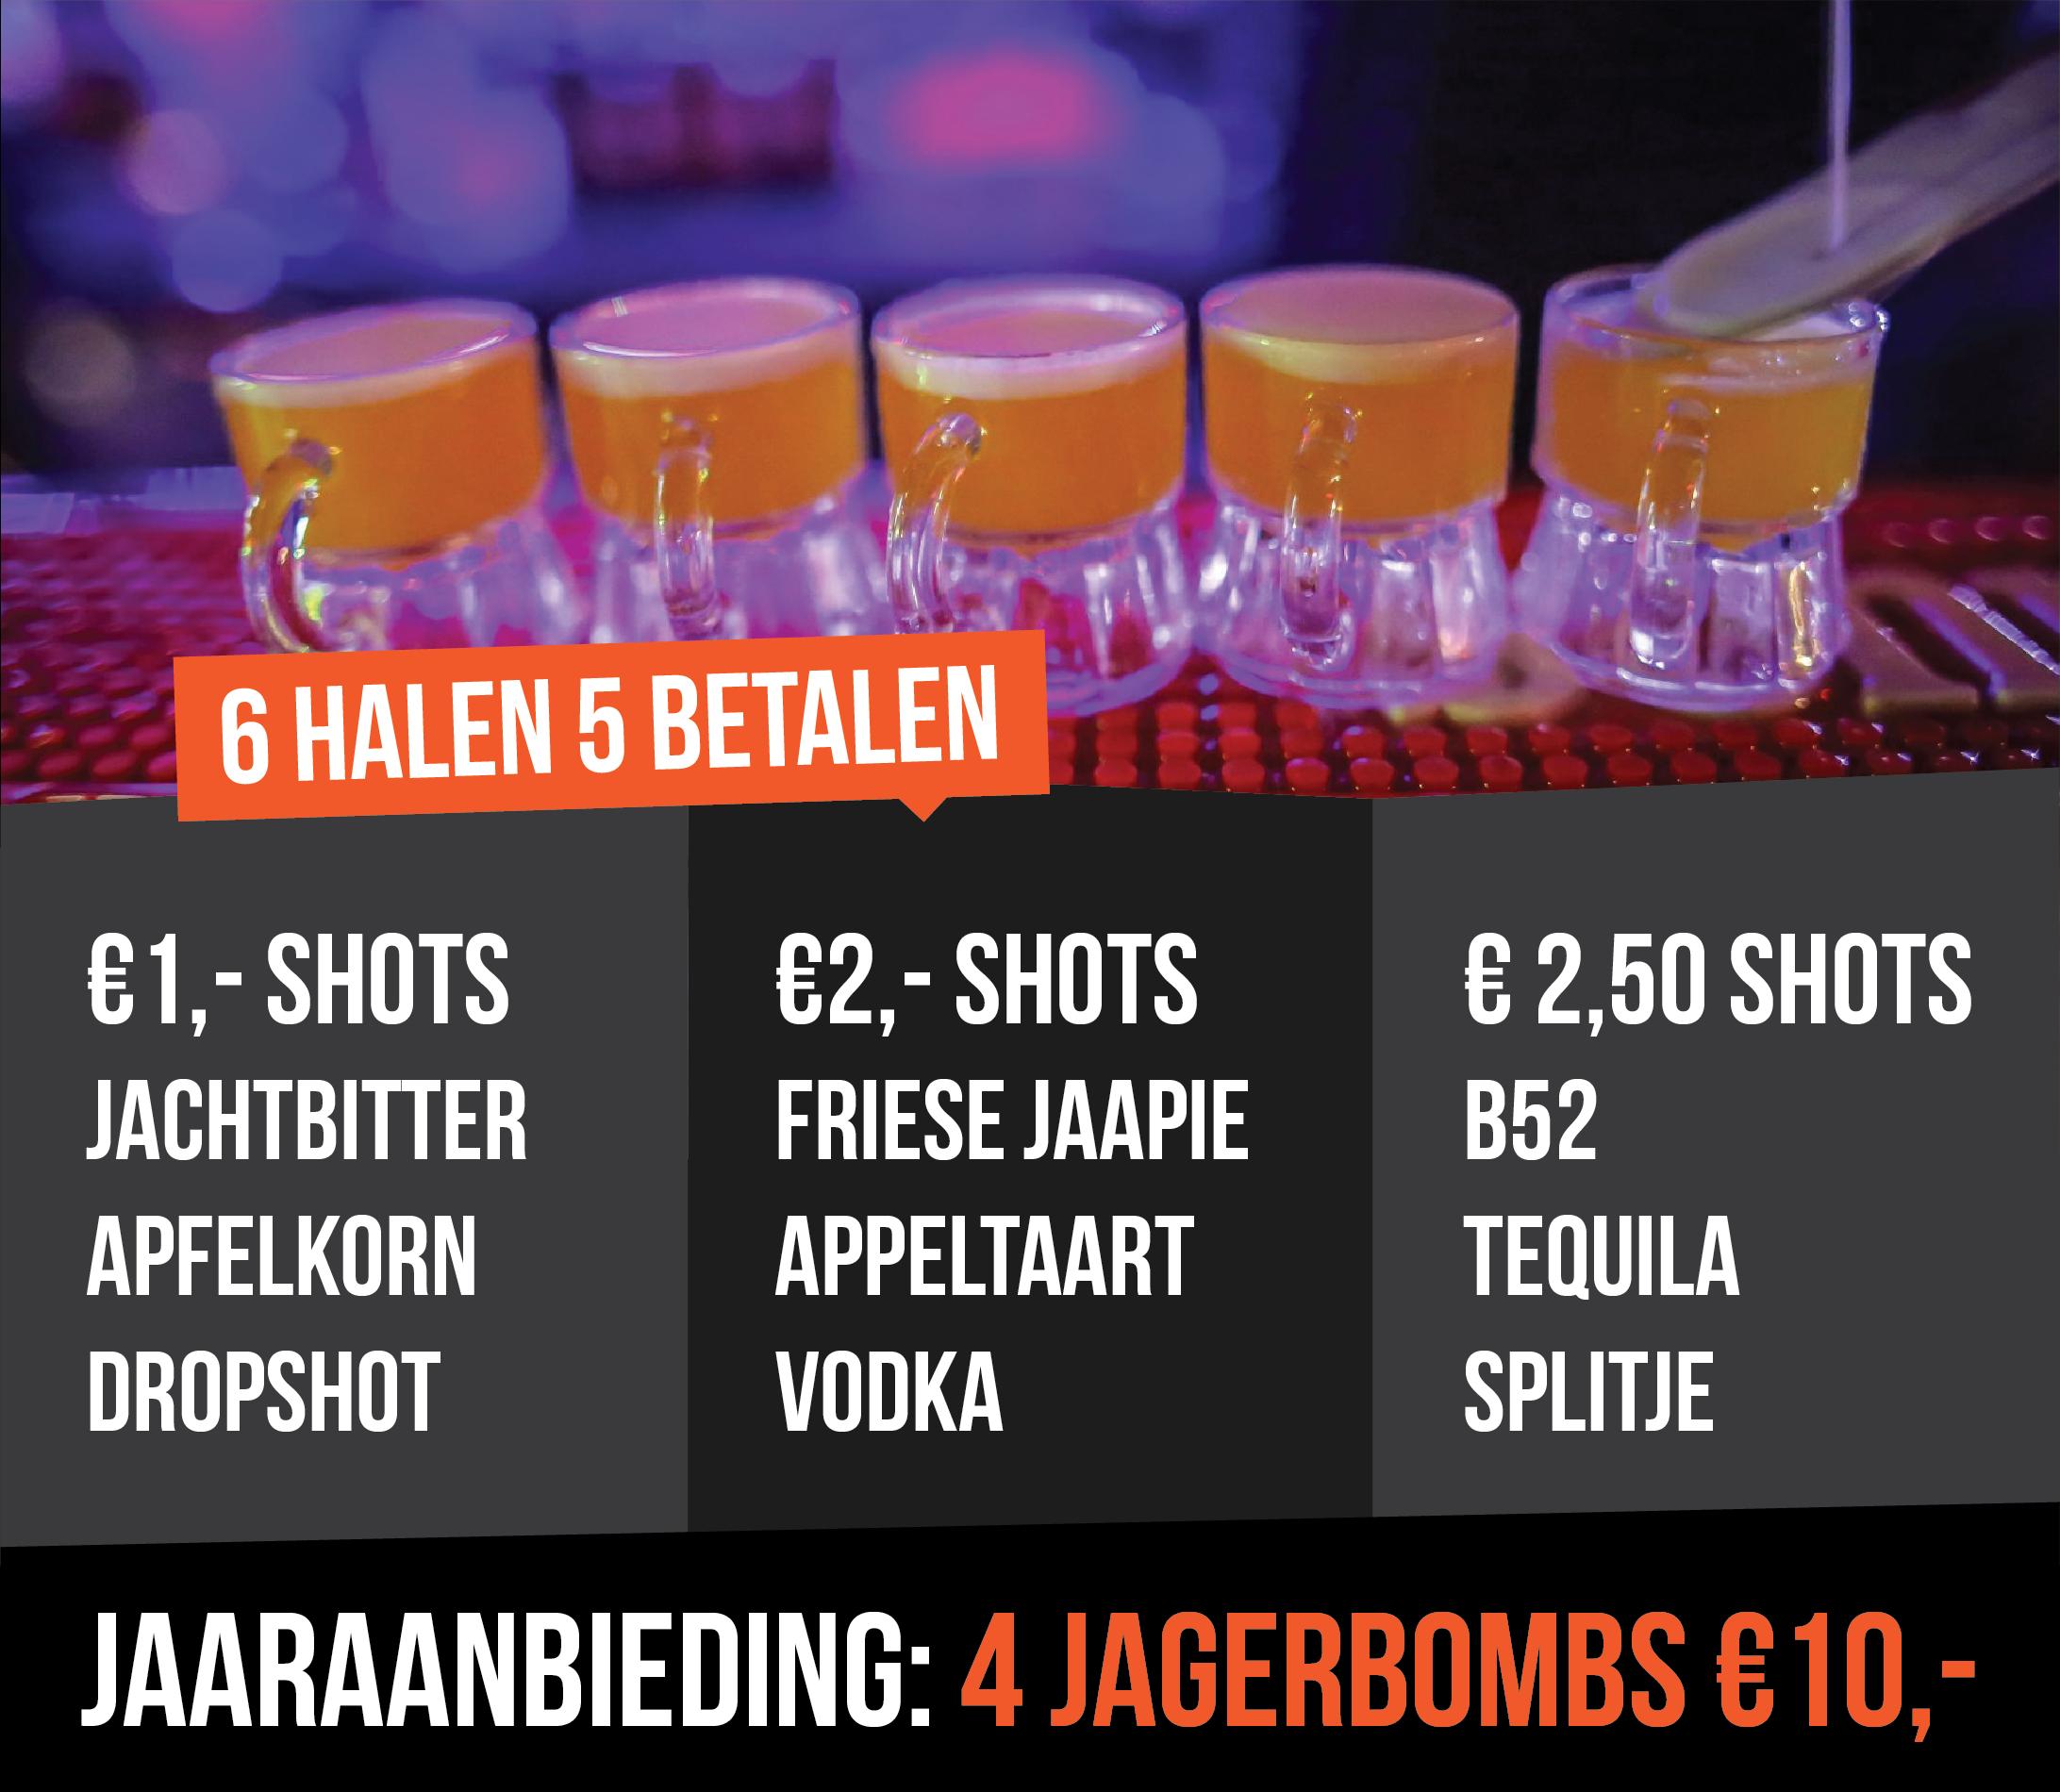 6 halen shots 't Gat van Groningen